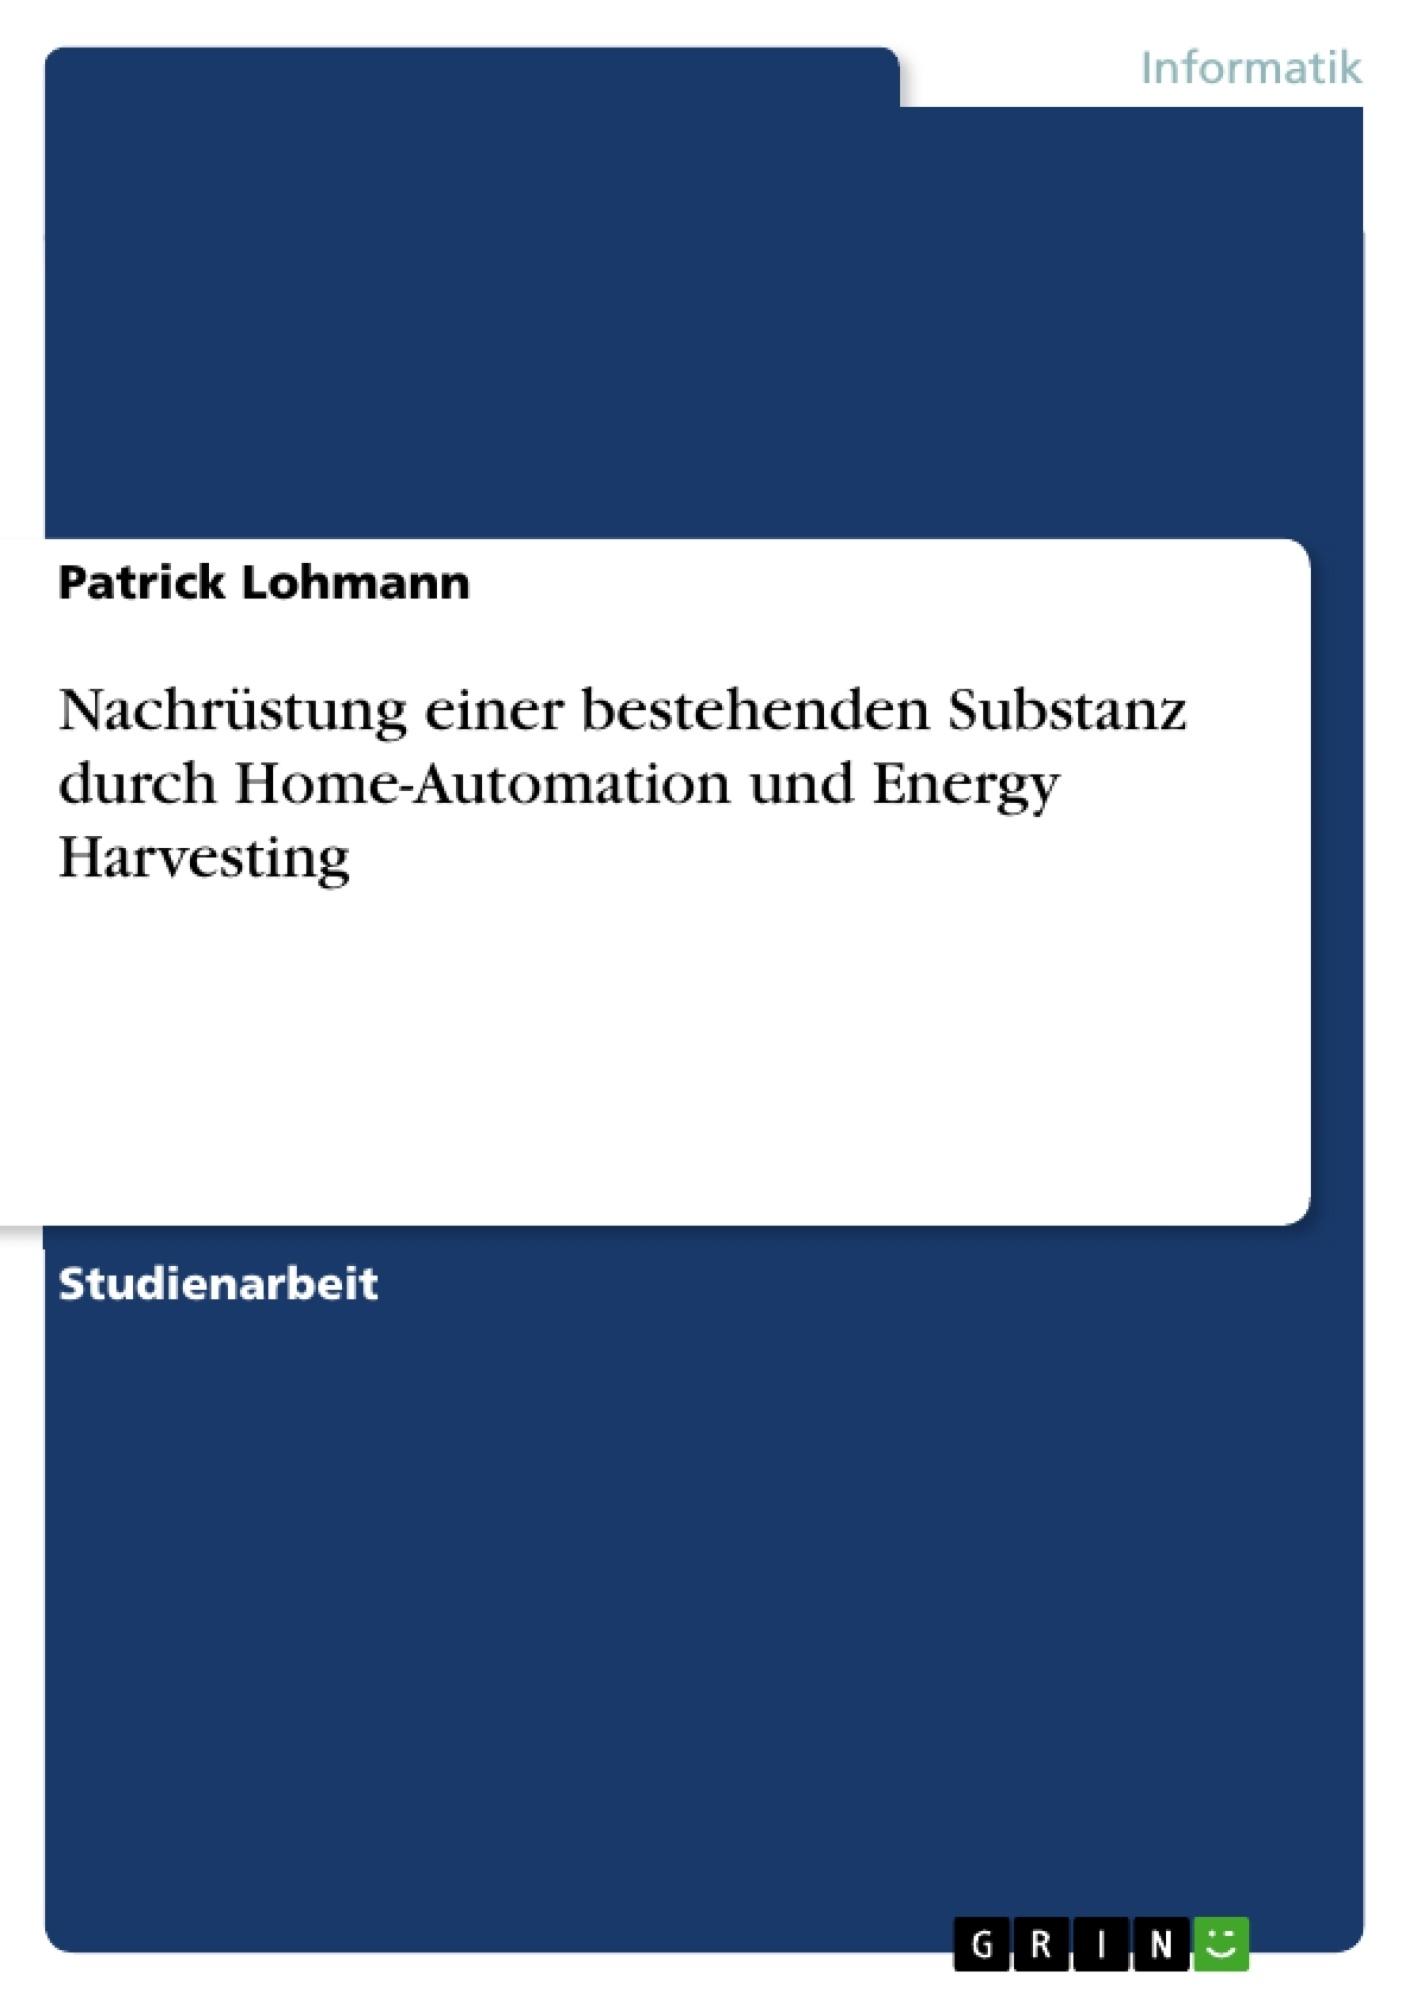 Titel: Nachrüstung einer bestehenden Substanz durch Home-Automation und Energy Harvesting